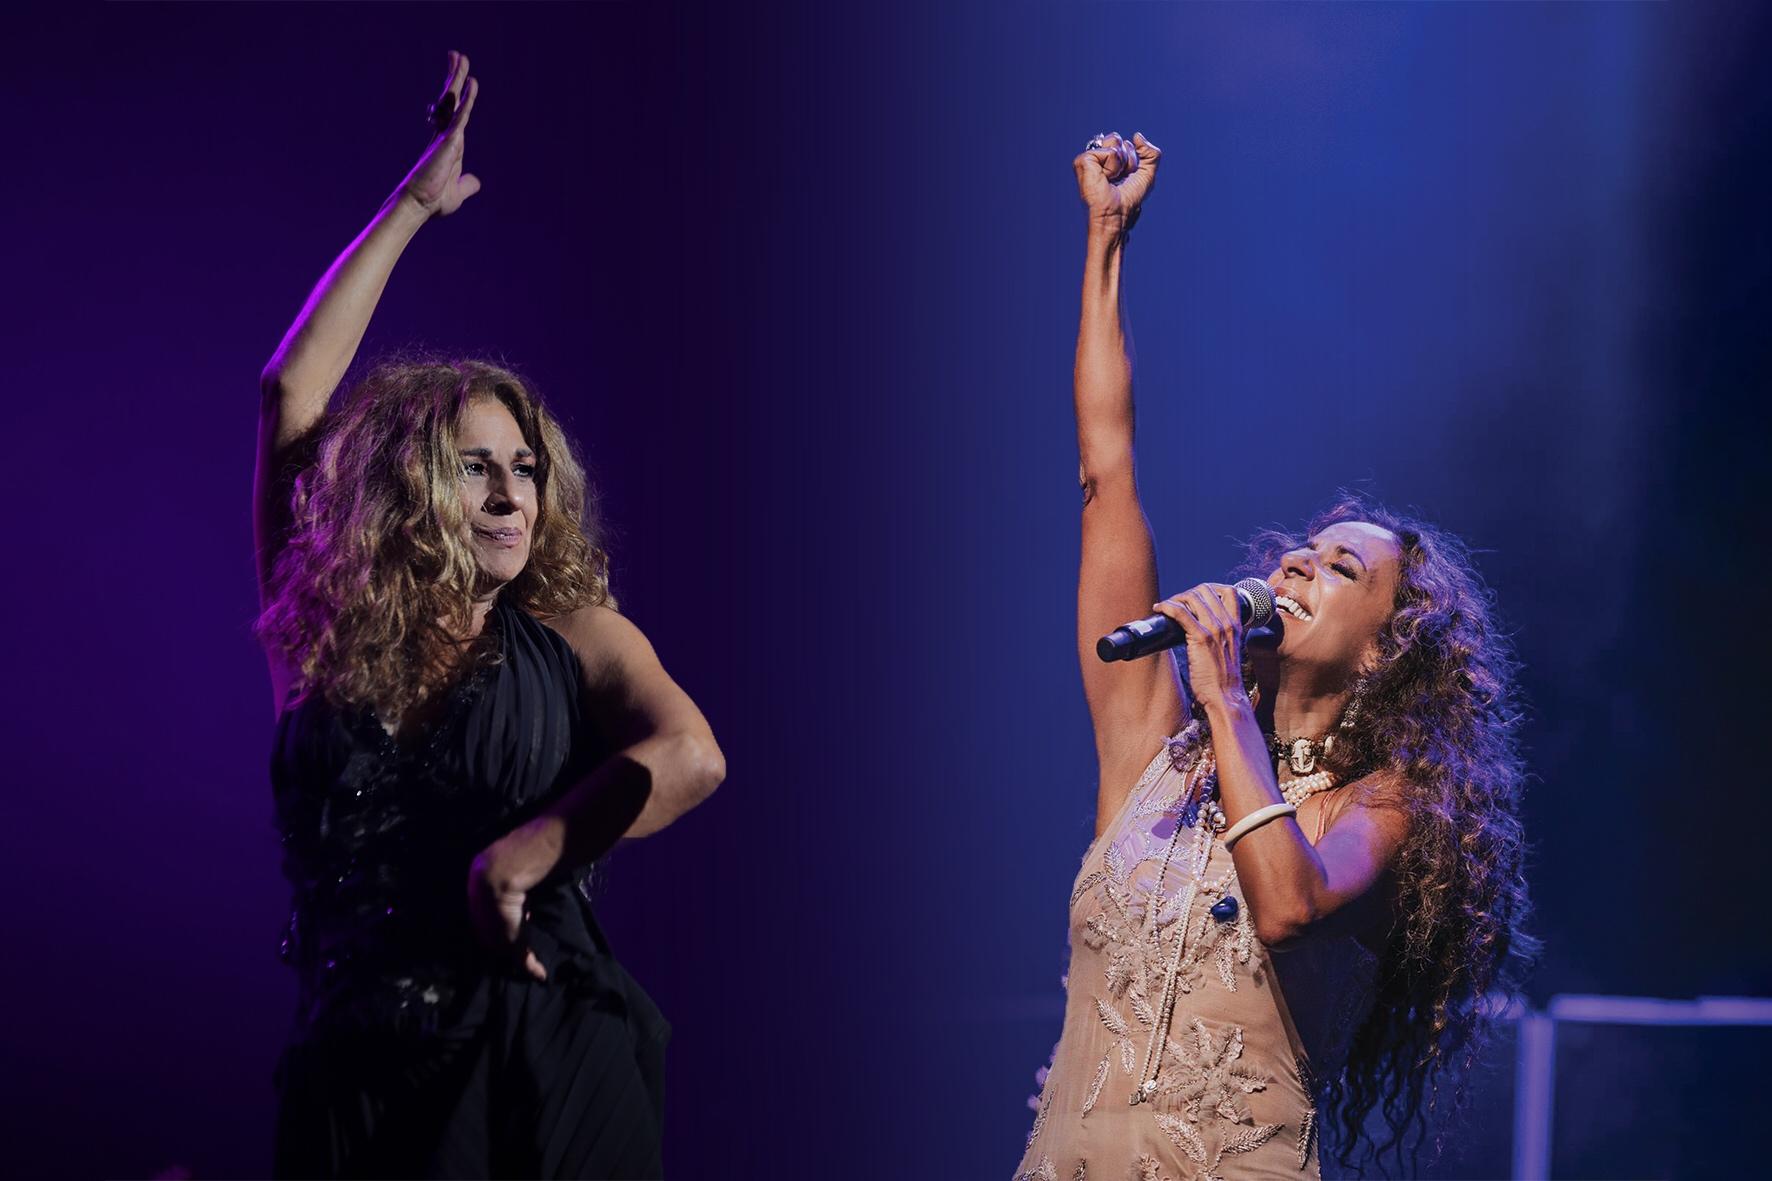 Rosario y Lolita Flores fechas concierto new york new jersey